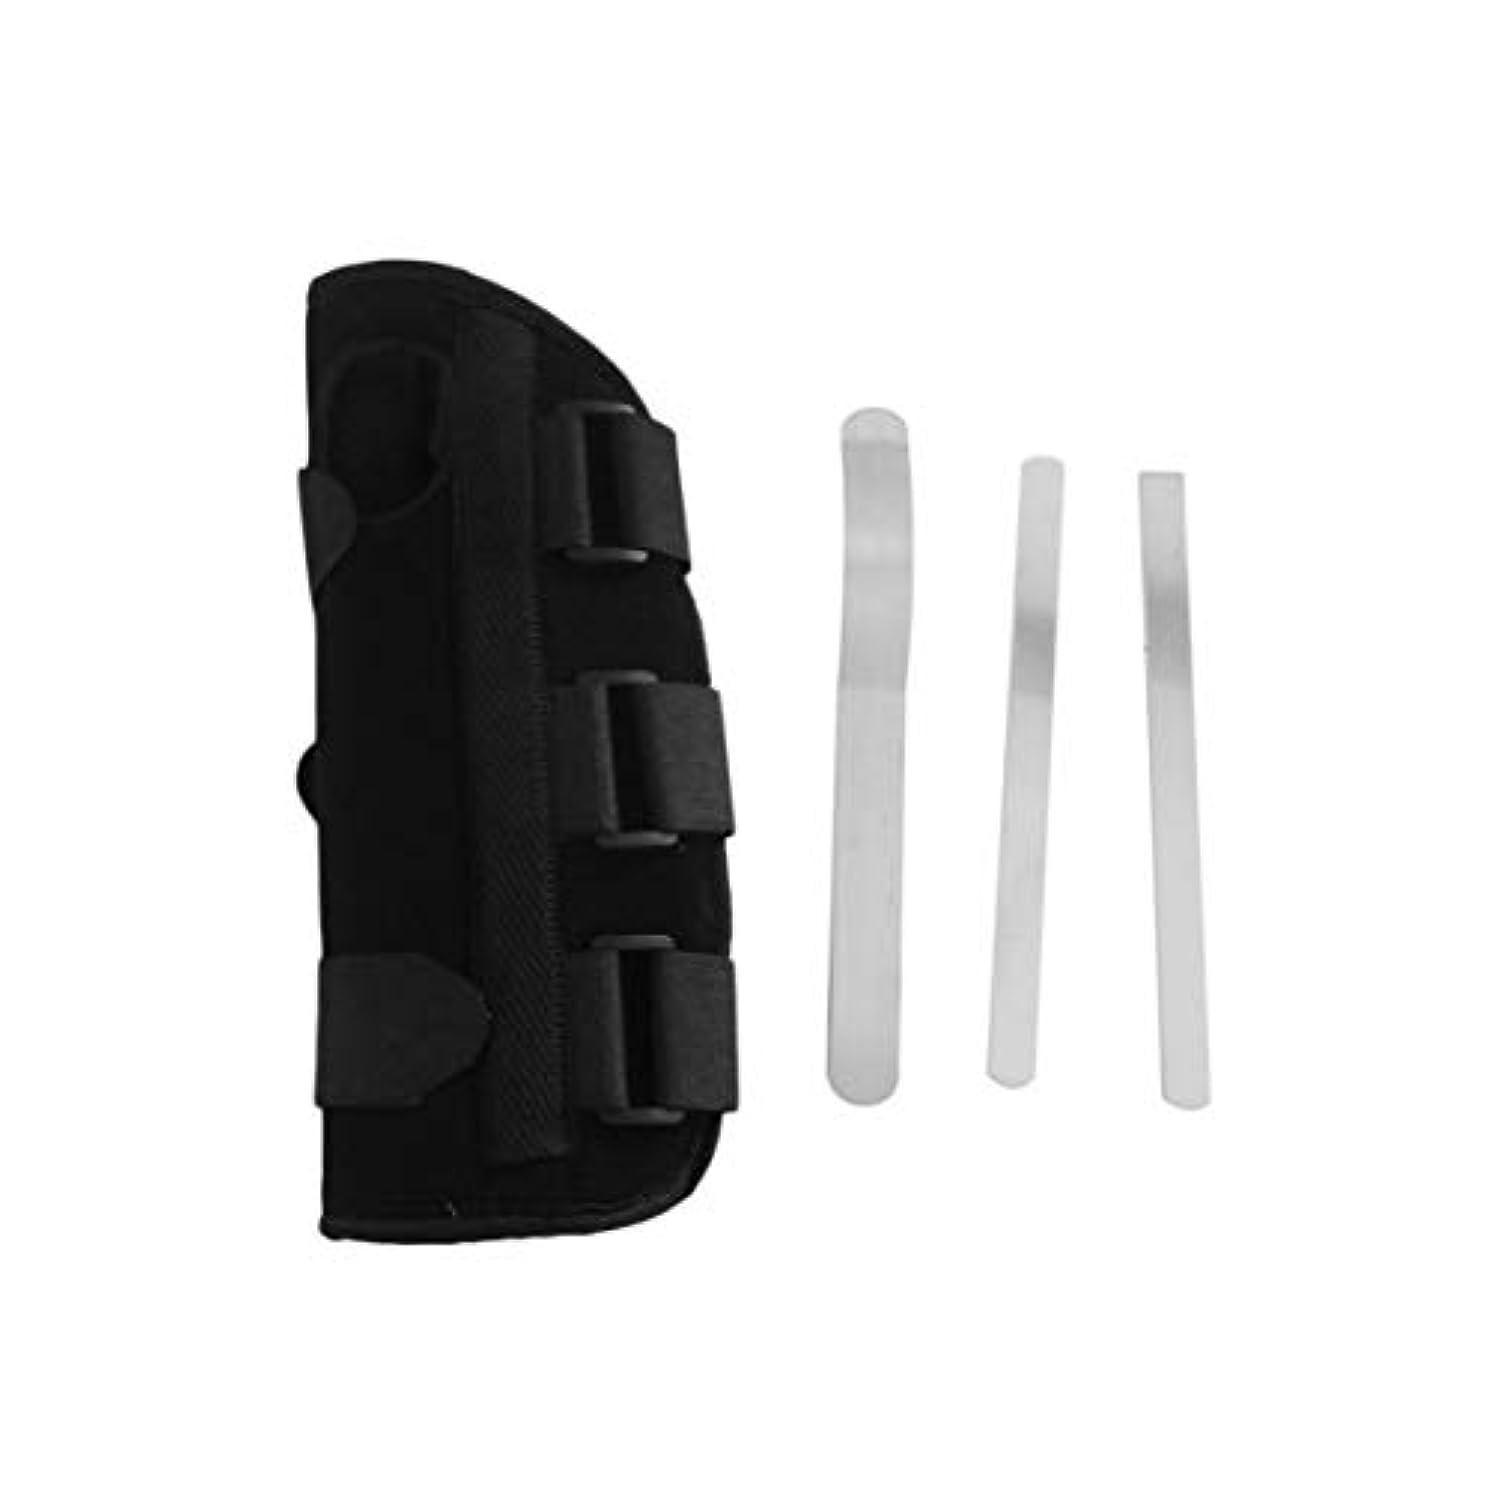 はぁ致命的行政手首副木ブレース保護サポートストラップカルペルトンネルCTS RSI痛み軽減取り外し可能な副木快適な軽量ストラップ - ブラックS